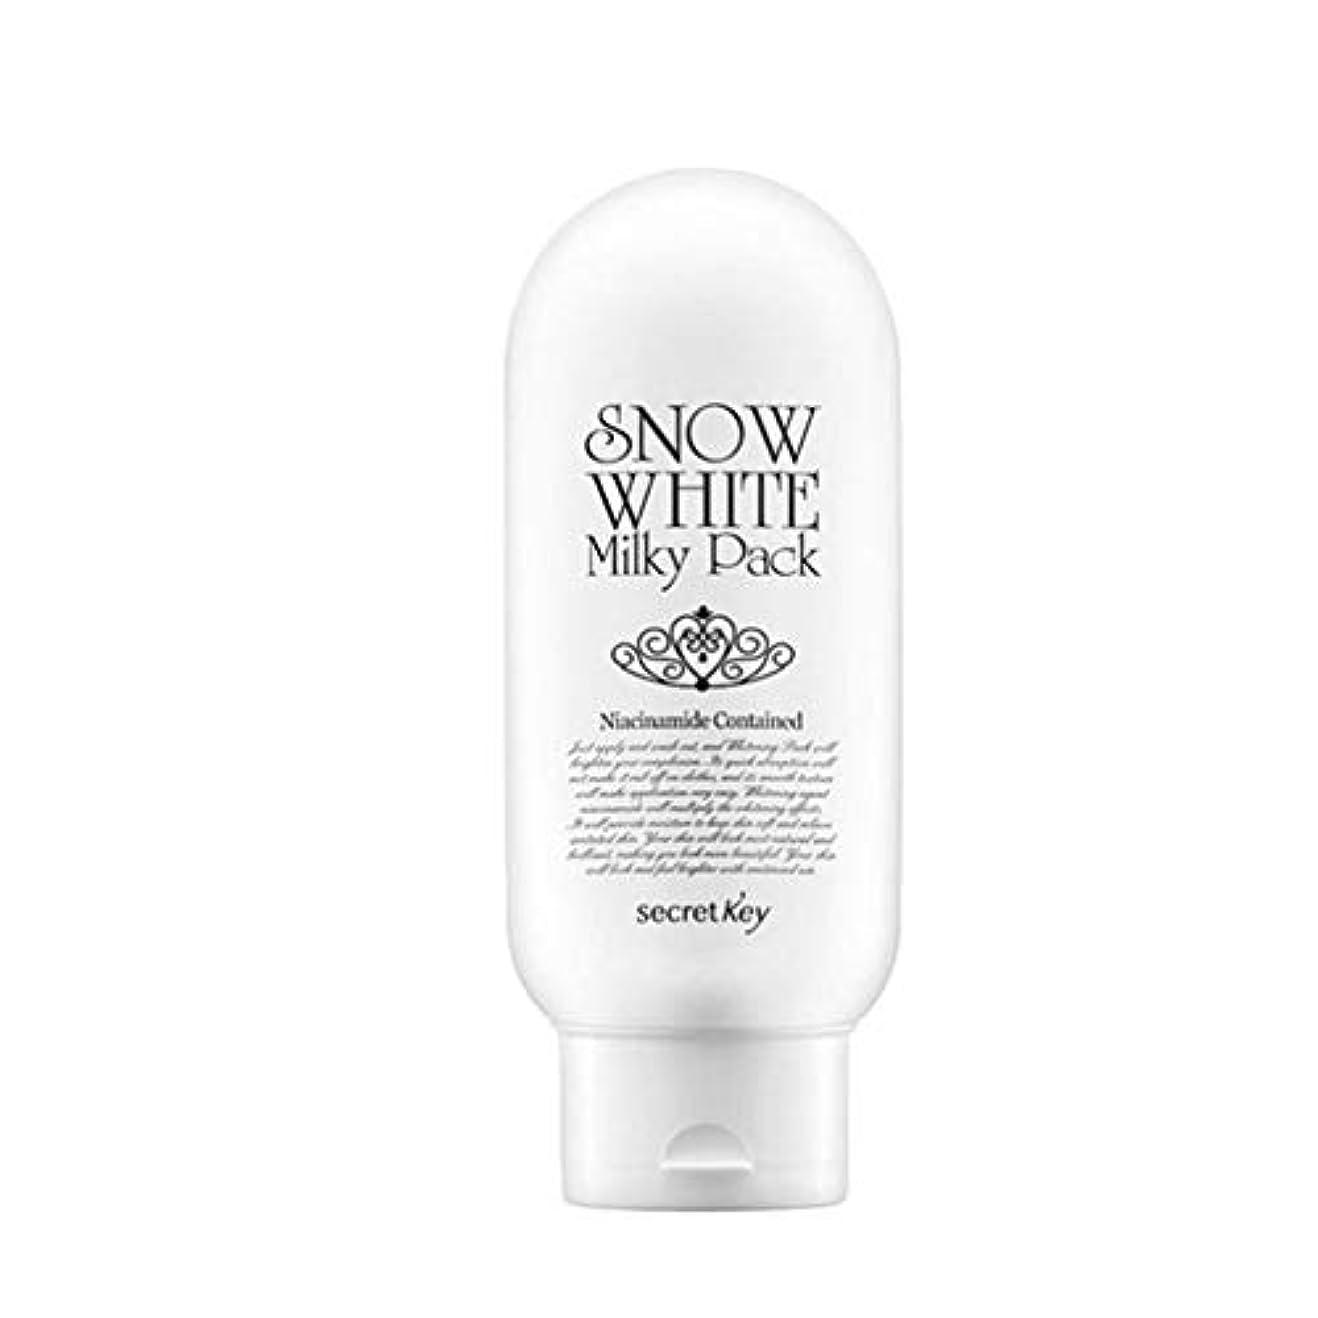 ミケランジェロ憤るガソリンシークレットキースノーホワイトミルキーパック200g韓国コスメ、Secret Key Snow White Milky Pack 200g Korean Cosmetics [並行輸入品]